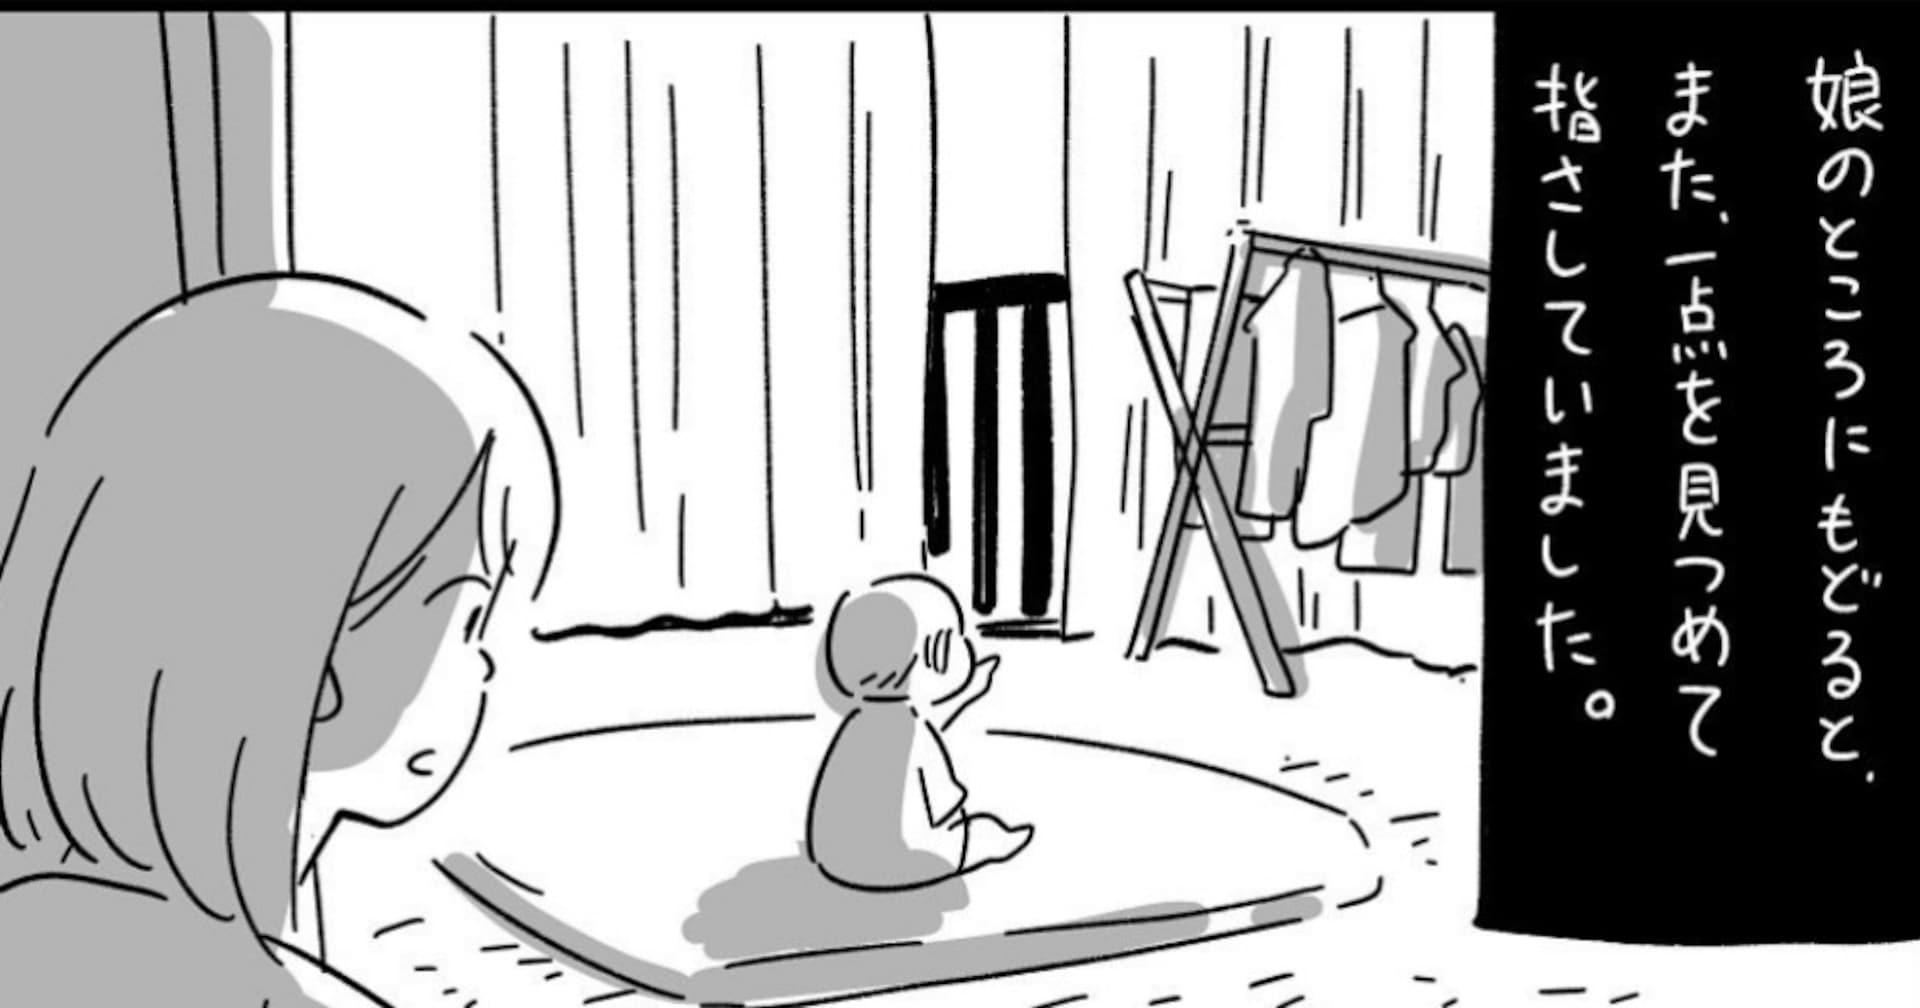 【衝撃】毎日、怪奇現象に悩まされていた家族 0歳の娘が指さす方を見てみると…予想外過ぎる「犯人」に思わずゾッとする